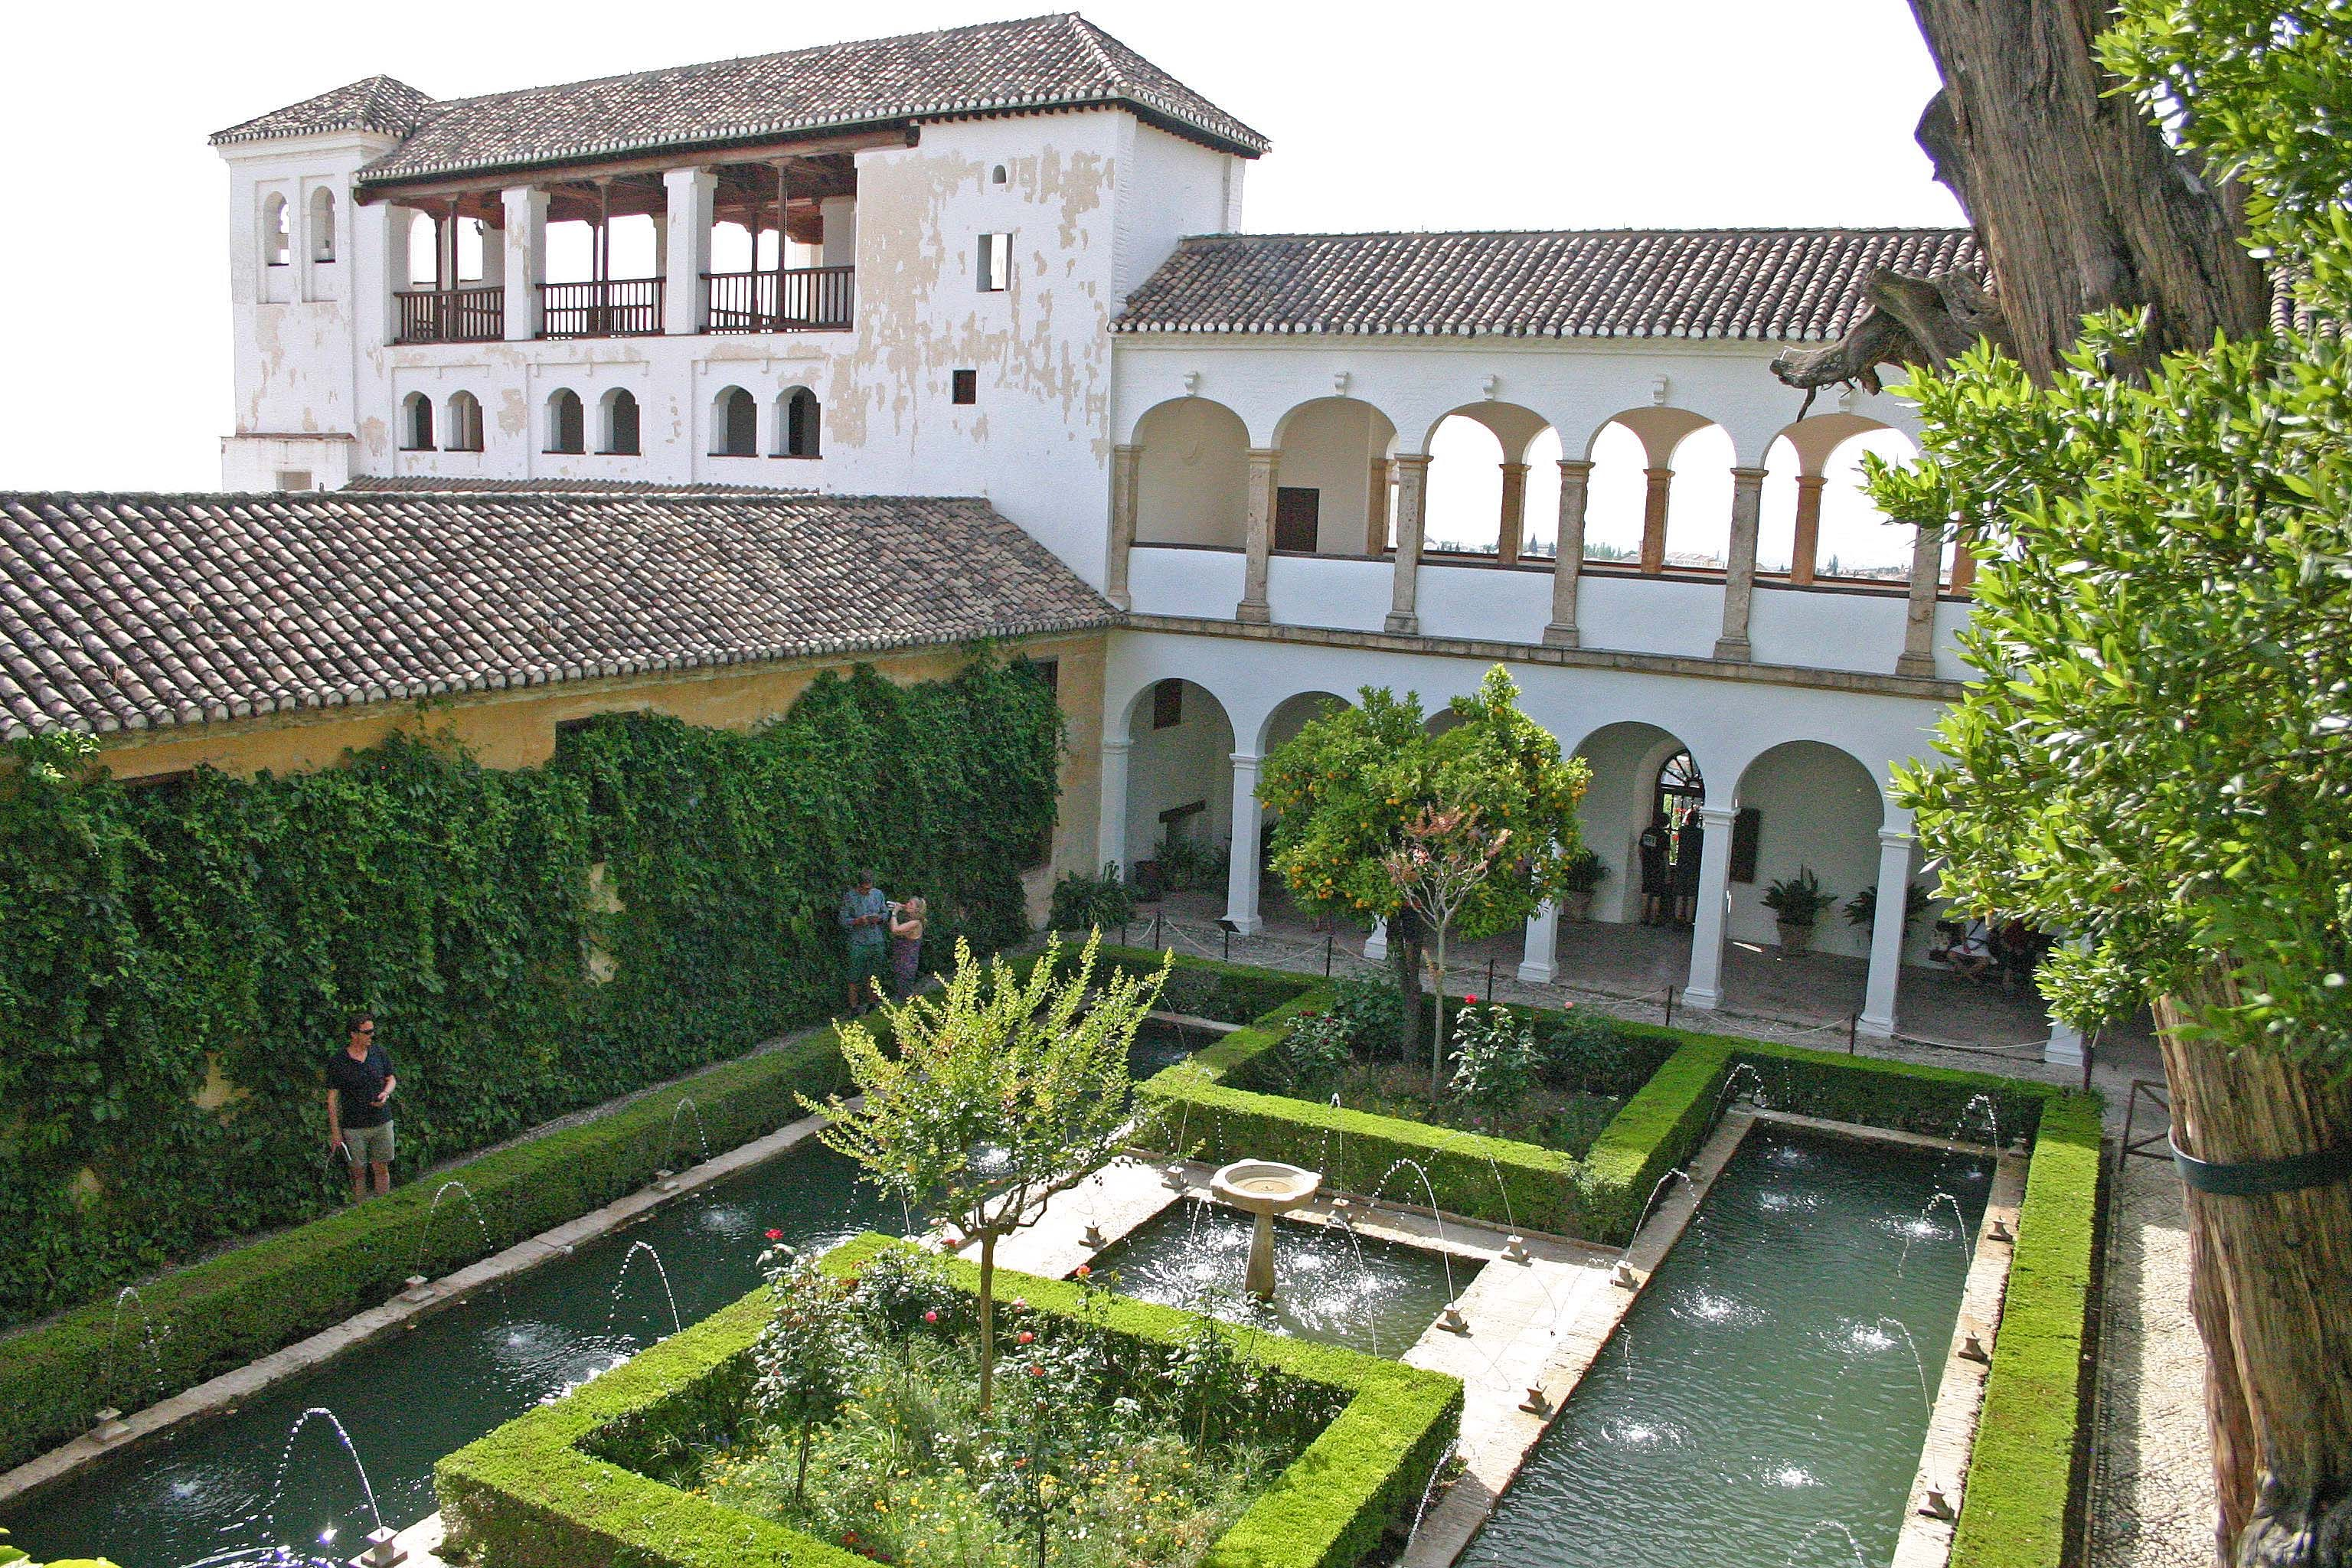 Patio de la sultana 2 alhambra de granada alhambra y for Patios de granada